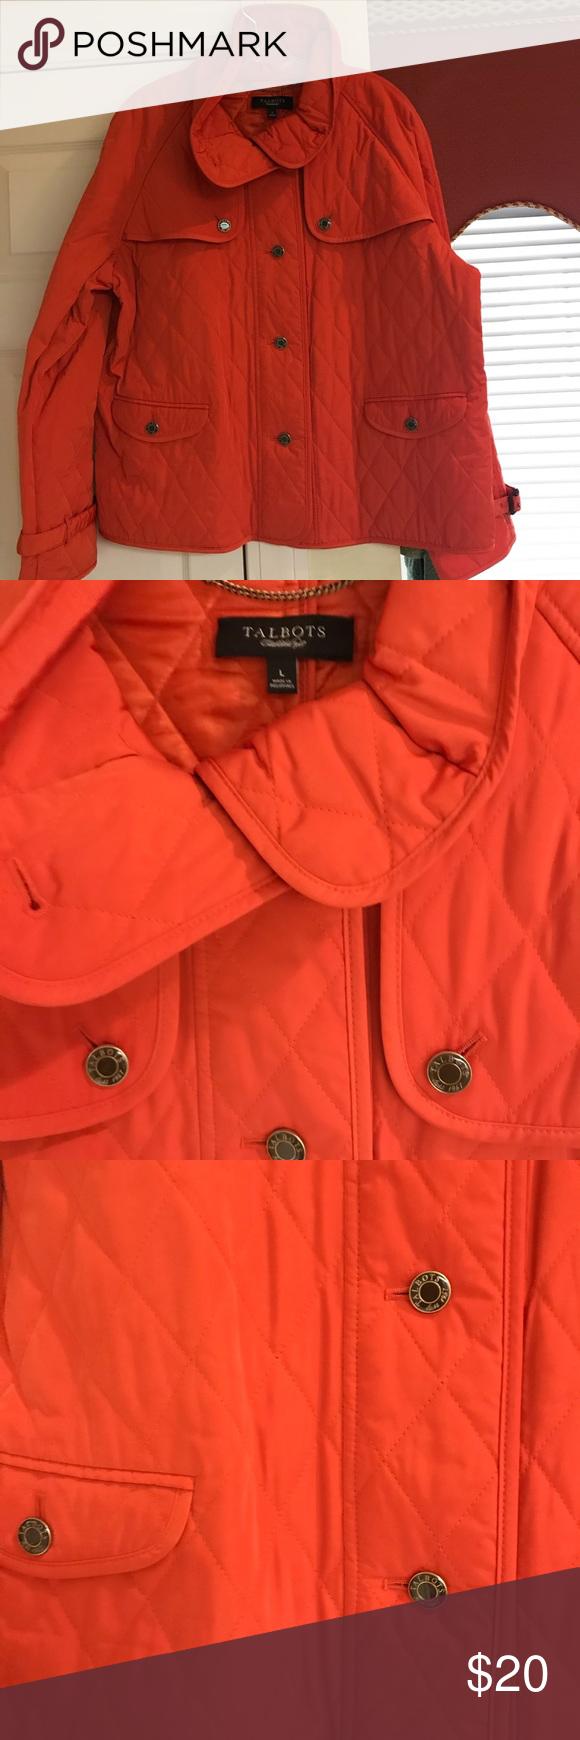 Talbots Jacket Talbots jacket, Jackets, Clothes design